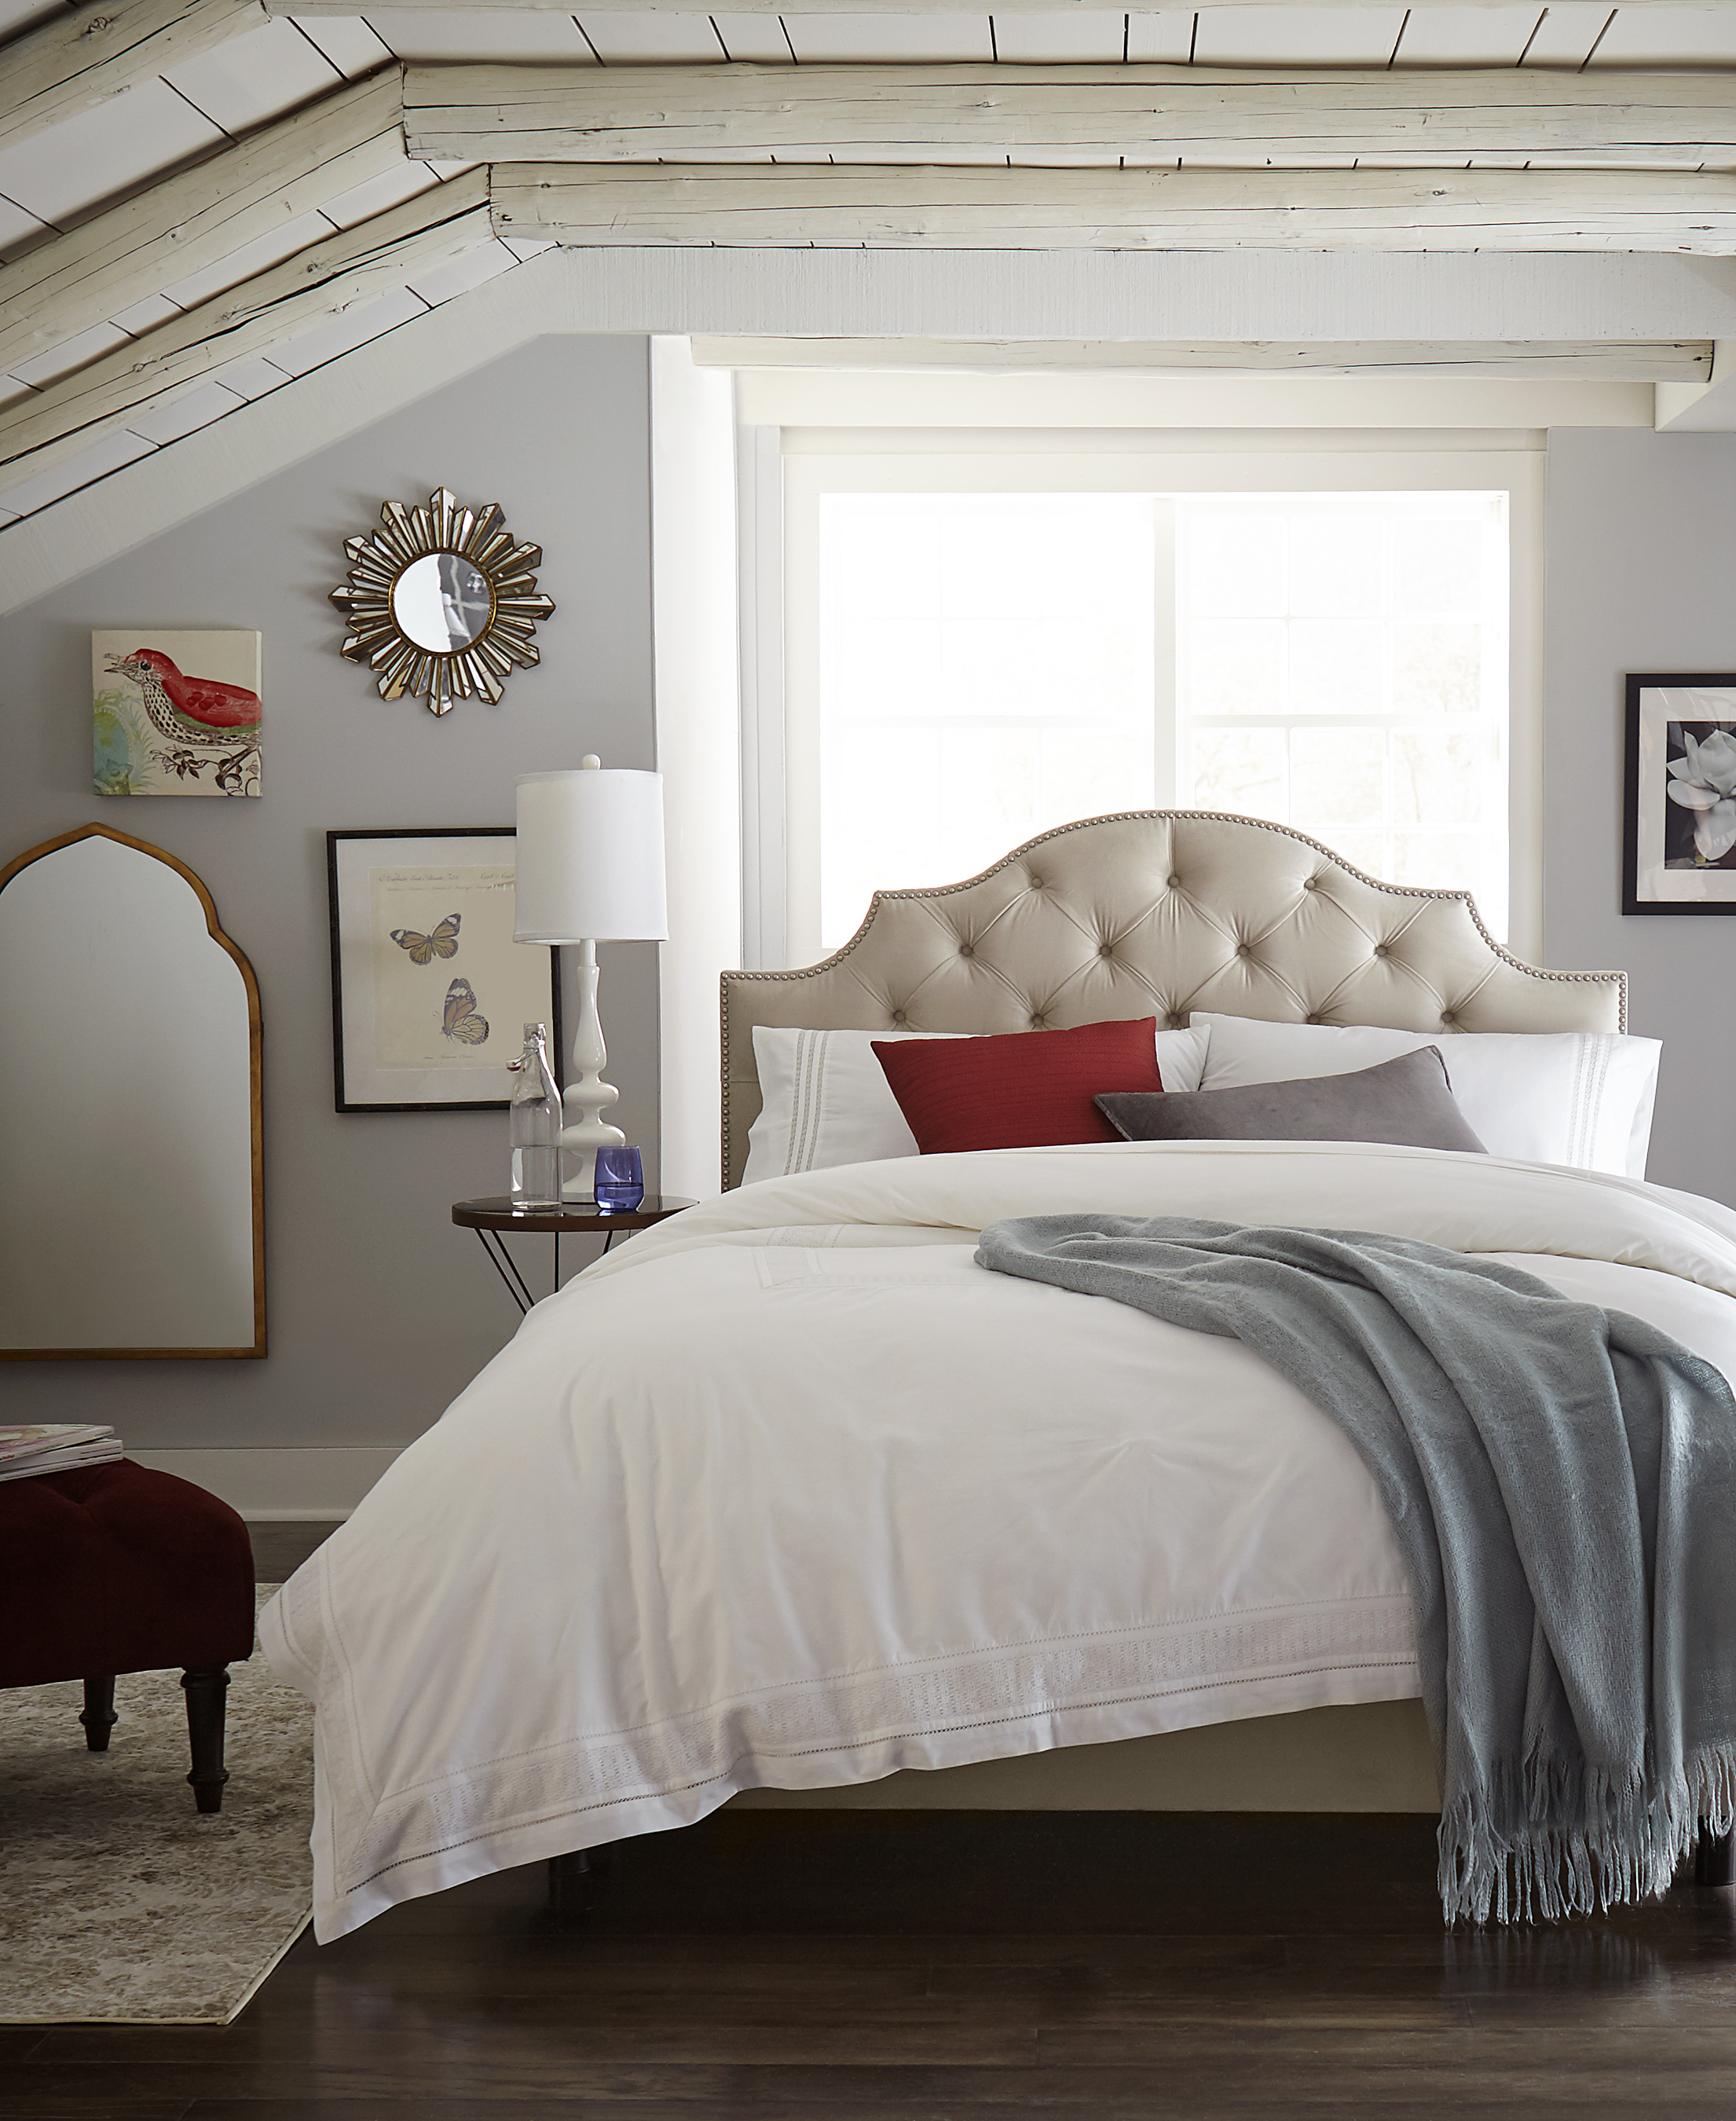 bedroom-white-comforter-headboard-pillows-blanket